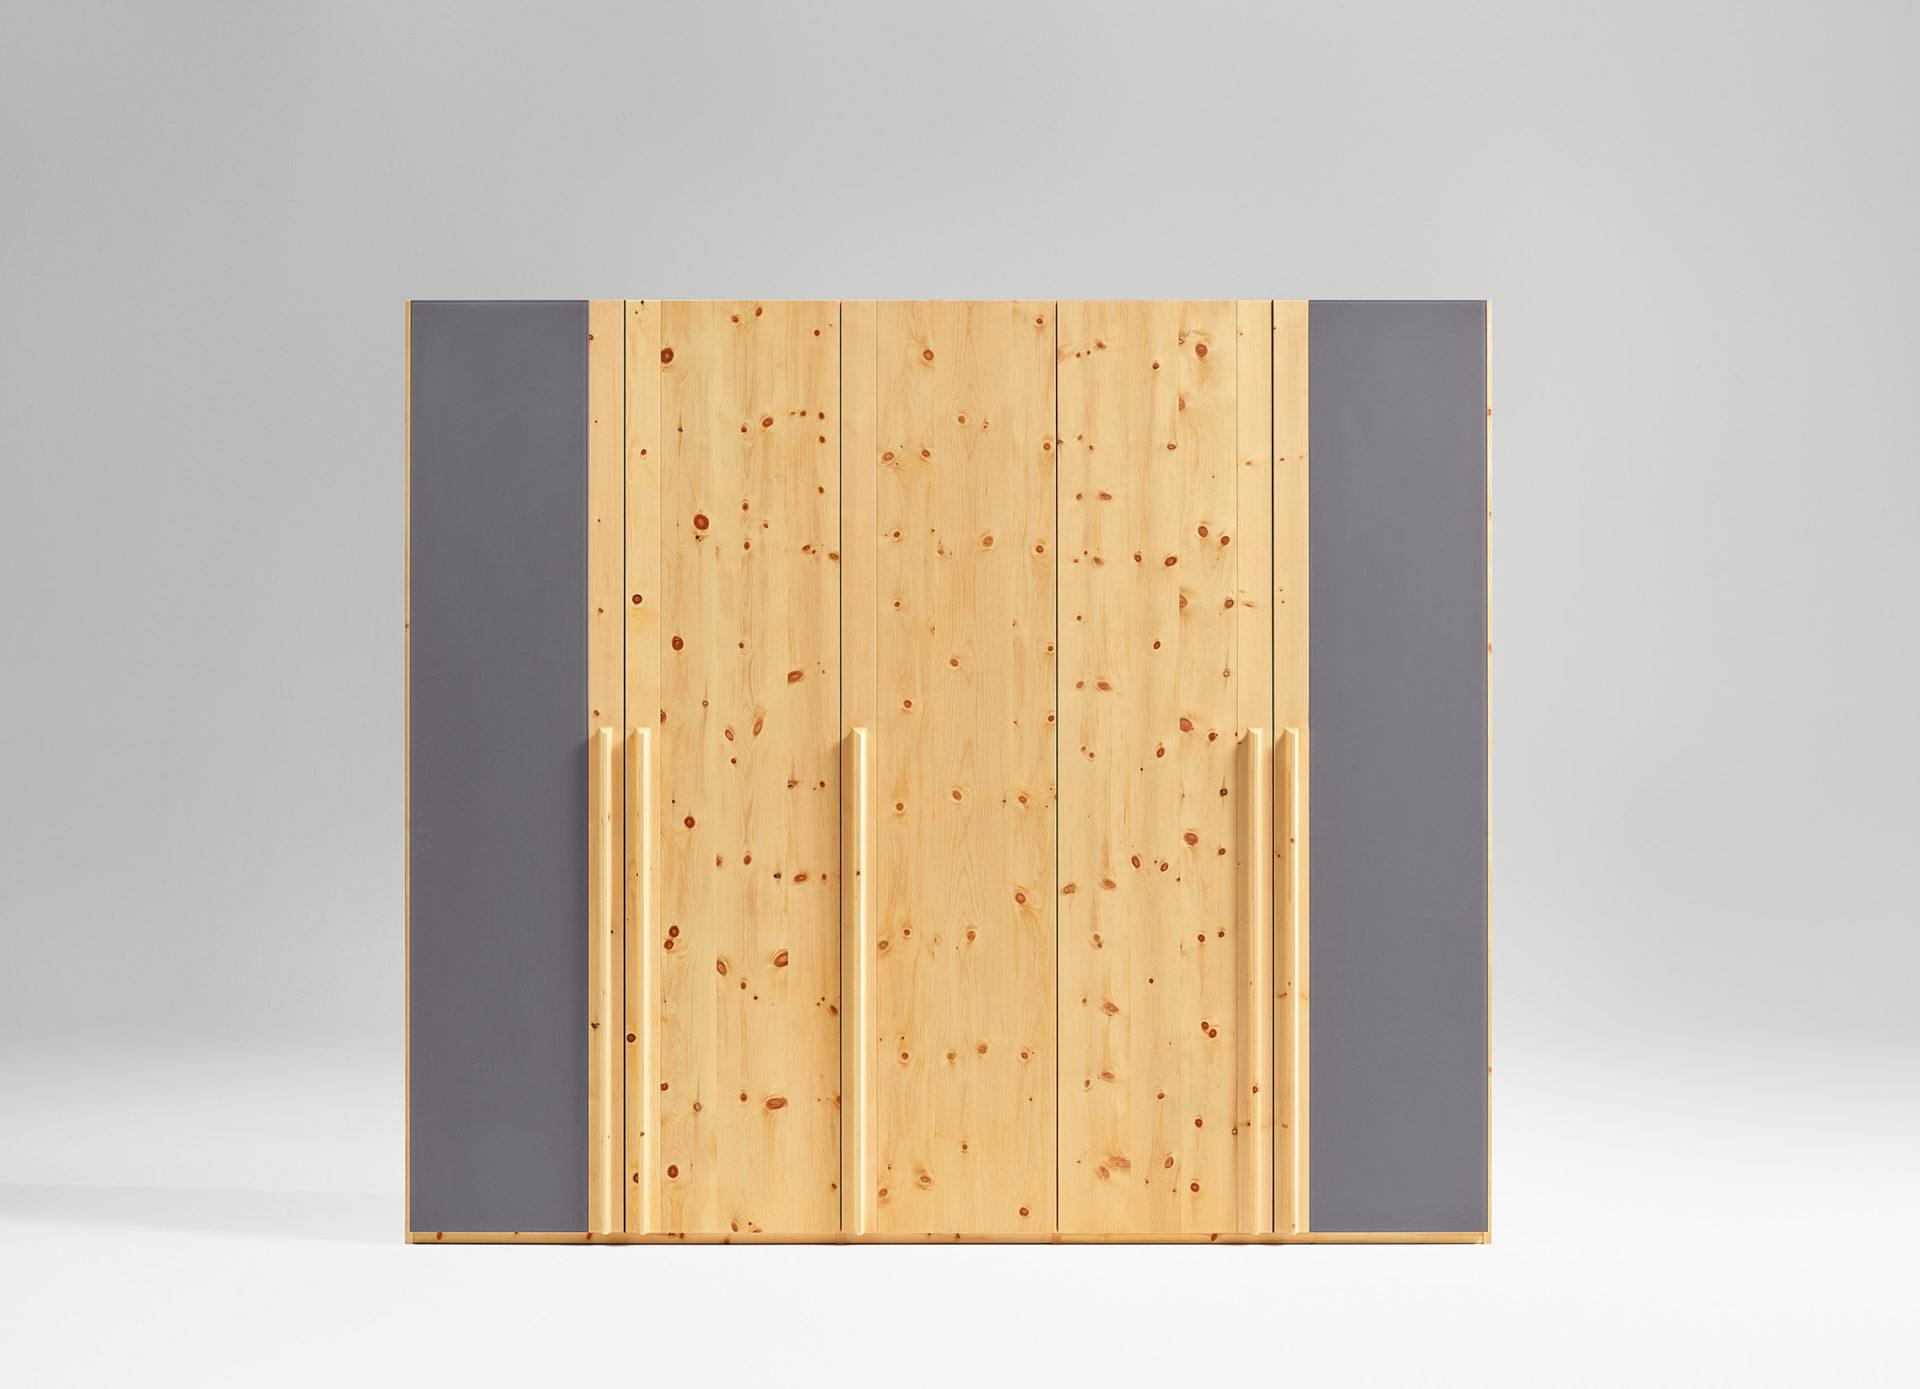 schlafzimmer paso kohler nat rlich einrichten naturholzm bel team 7 naturm bel massivholzm bel. Black Bedroom Furniture Sets. Home Design Ideas